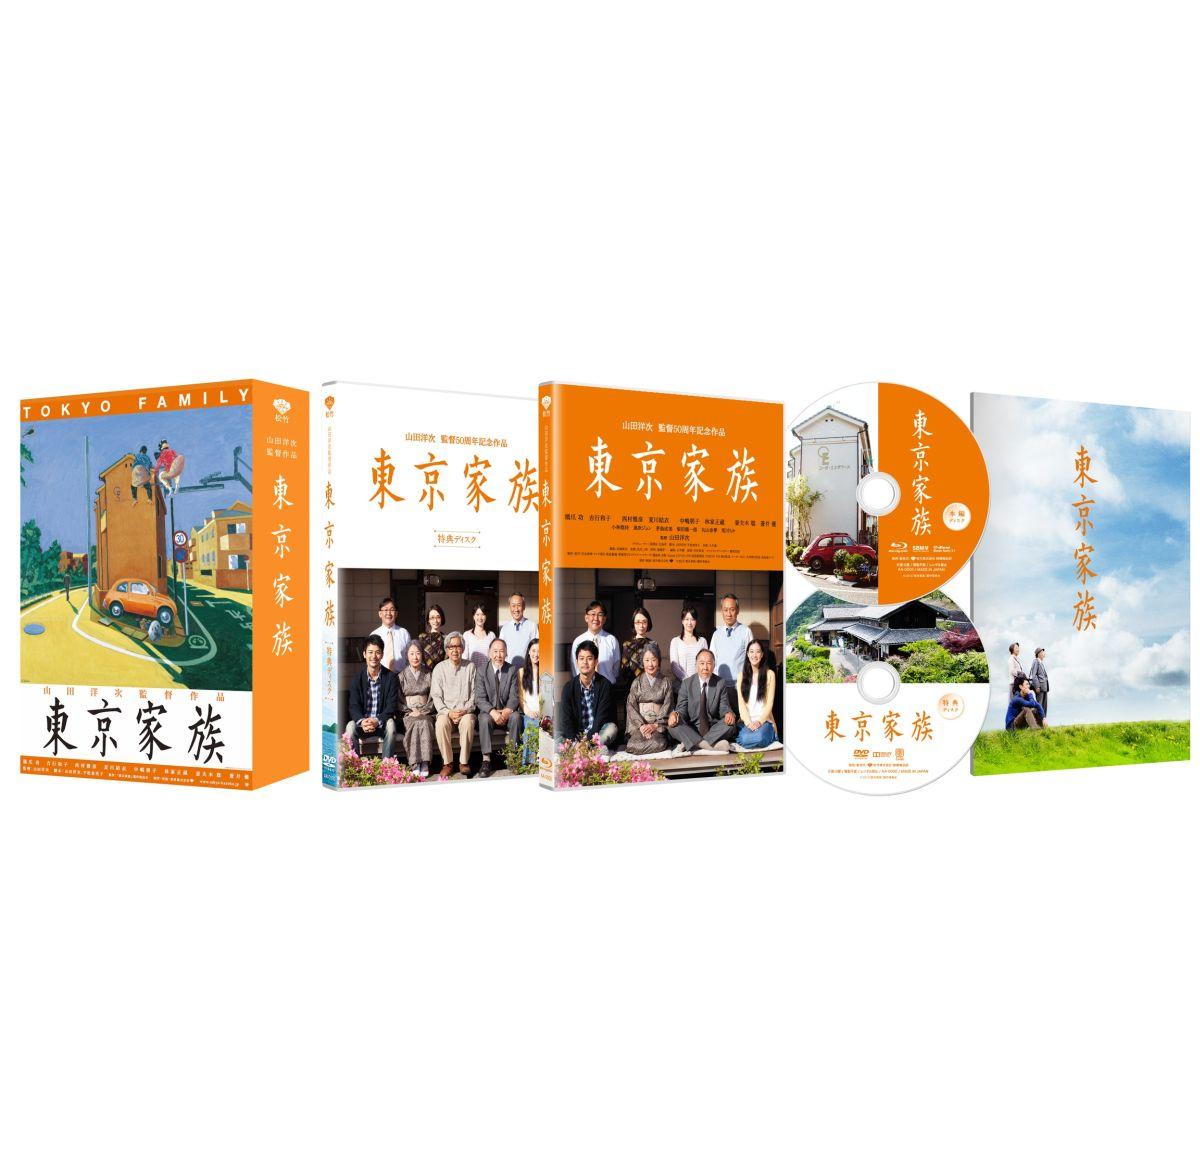 東京家族 豪華版【初回限定生産】[SHBR-160][Blu-ray/ブルーレイ] 製品画像